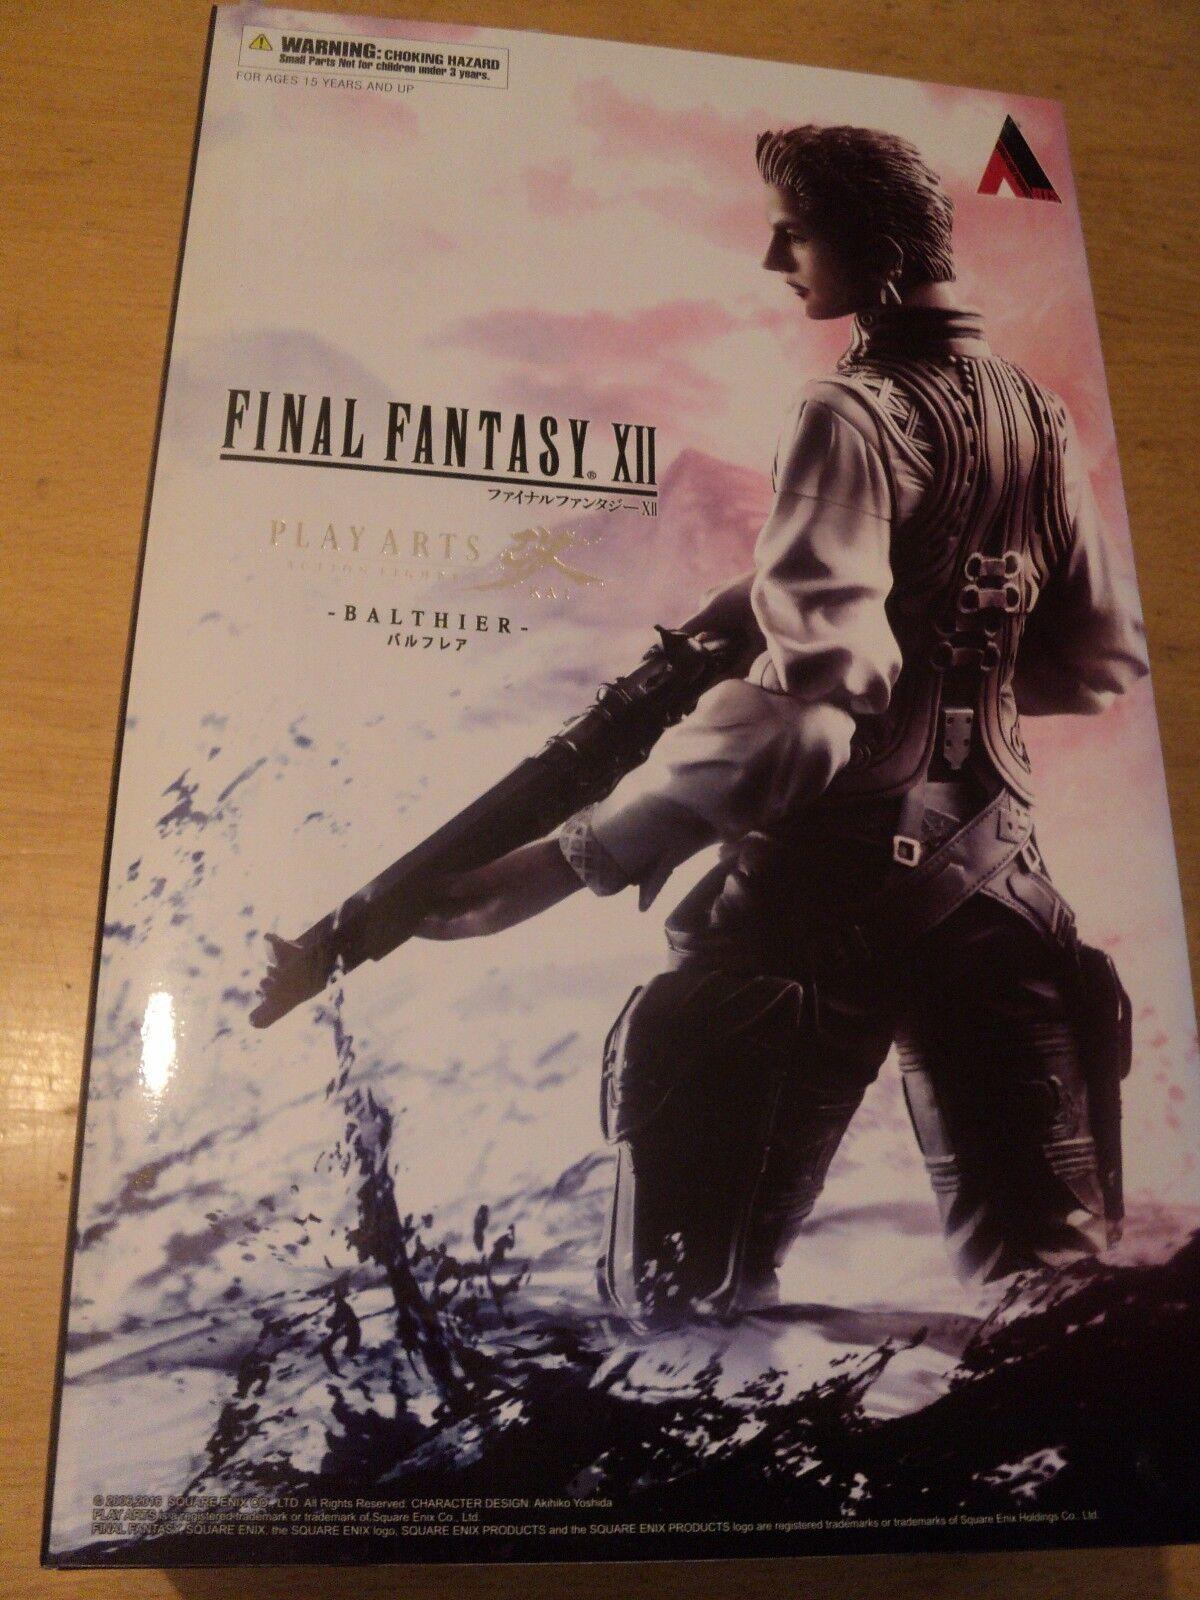 Square Enix Final Fantasy XII 12 Balthier Play Arts Kai Figure-Neuf Scellé